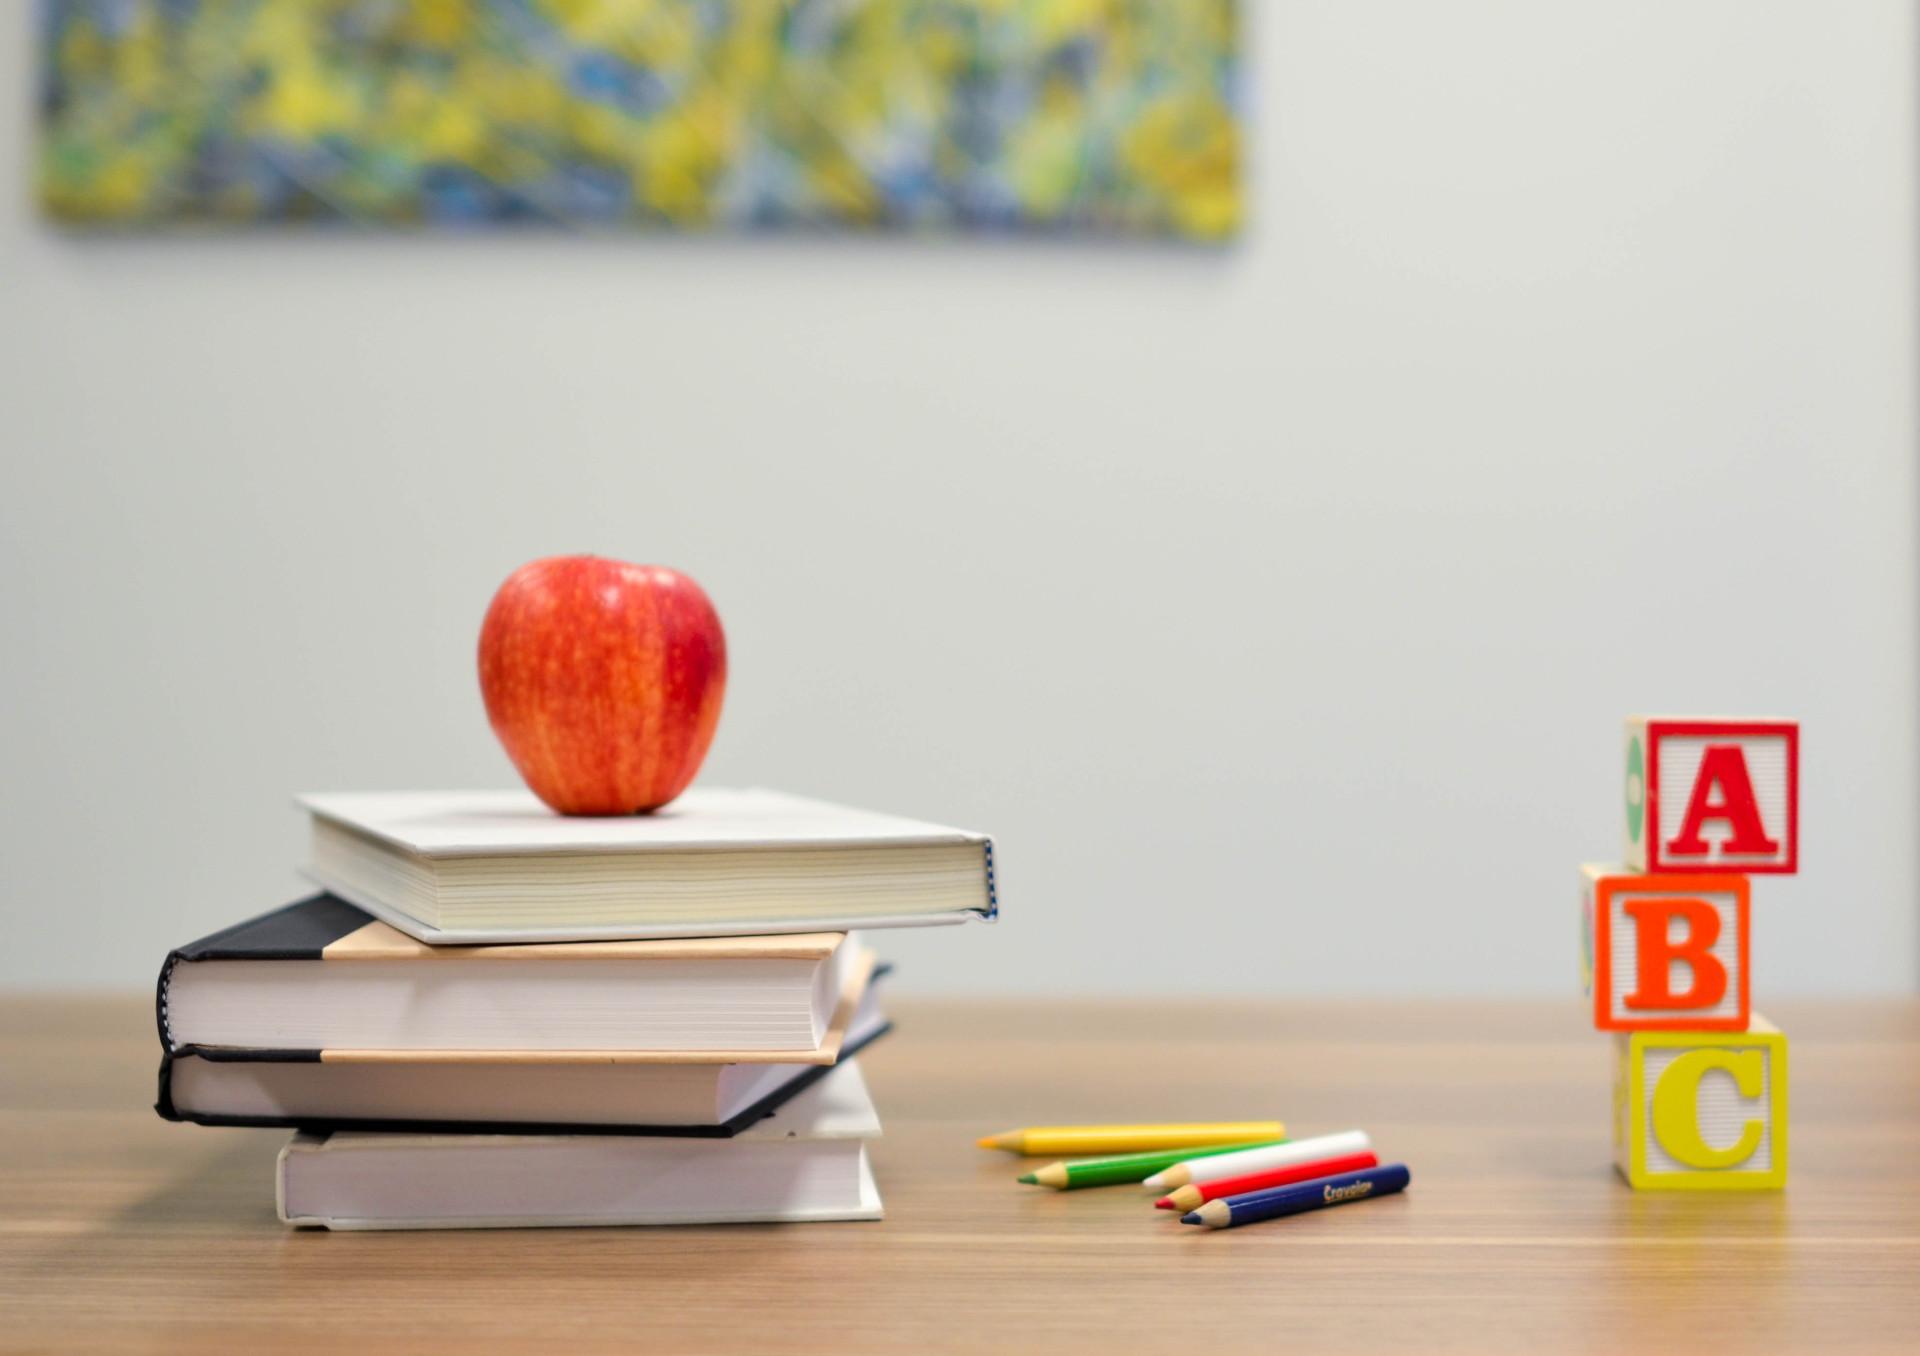 Asociația ROMFRA organizează cursuri de formare pentru cadrele didactice, cu acordarea de credite profesionale transferabile